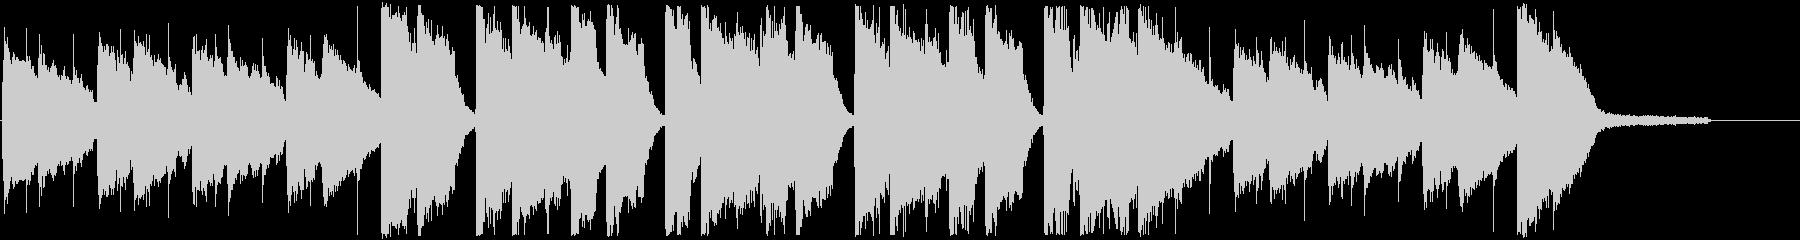 CM・秋の優しい夕焼けポップの未再生の波形